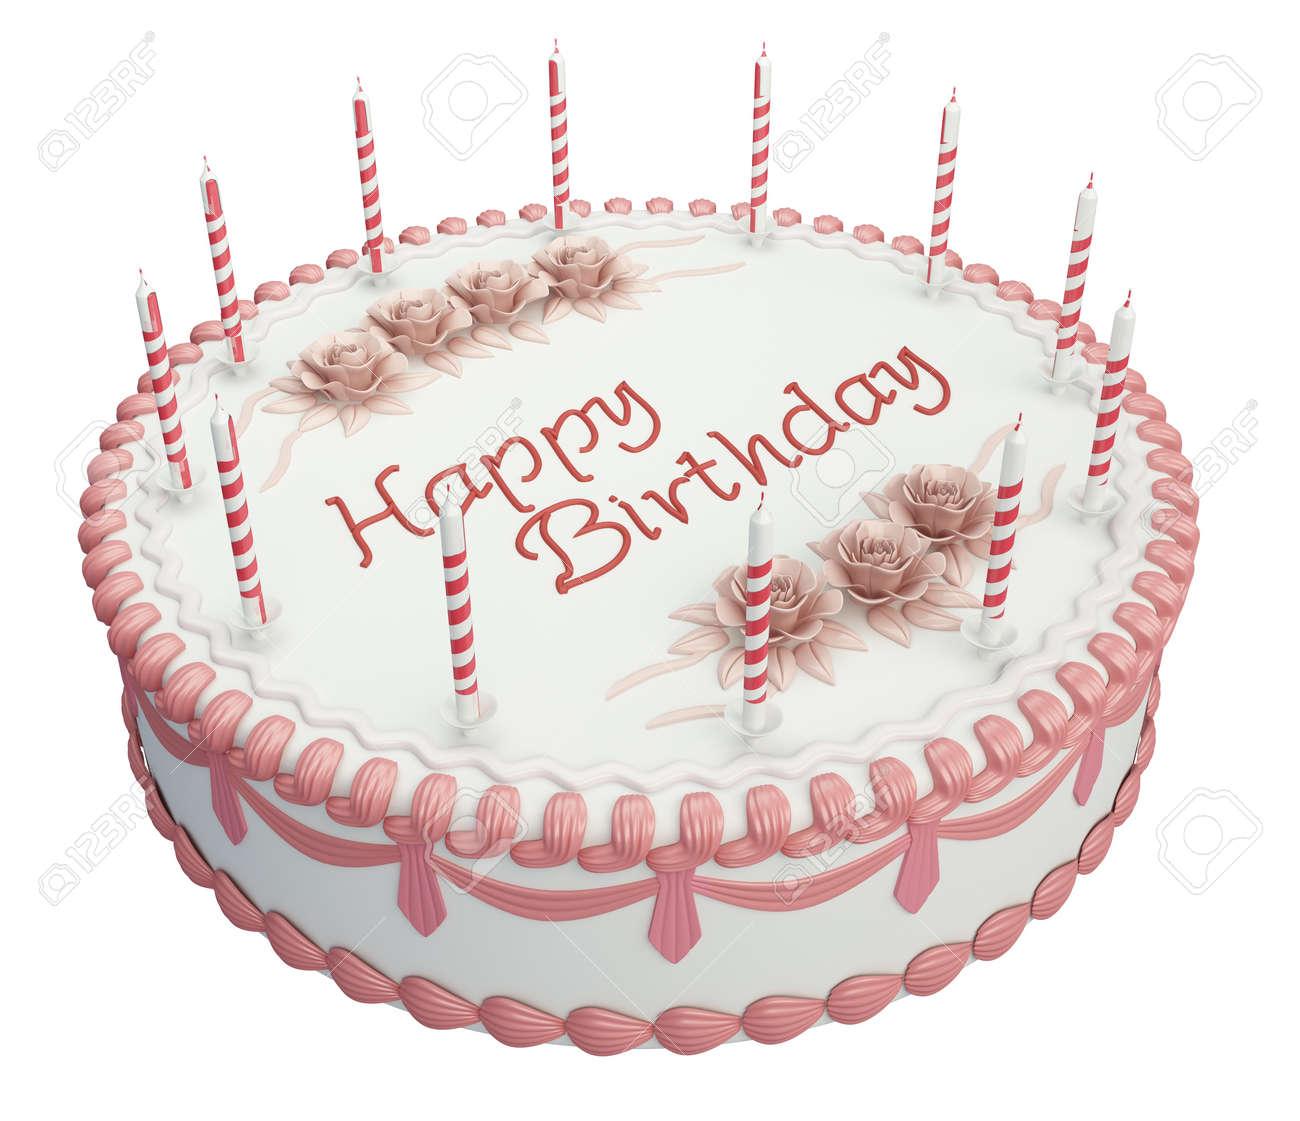 Grusse Geburtstagstorte Mit Kerzen Und Rosen Isoliert Uber Weiss